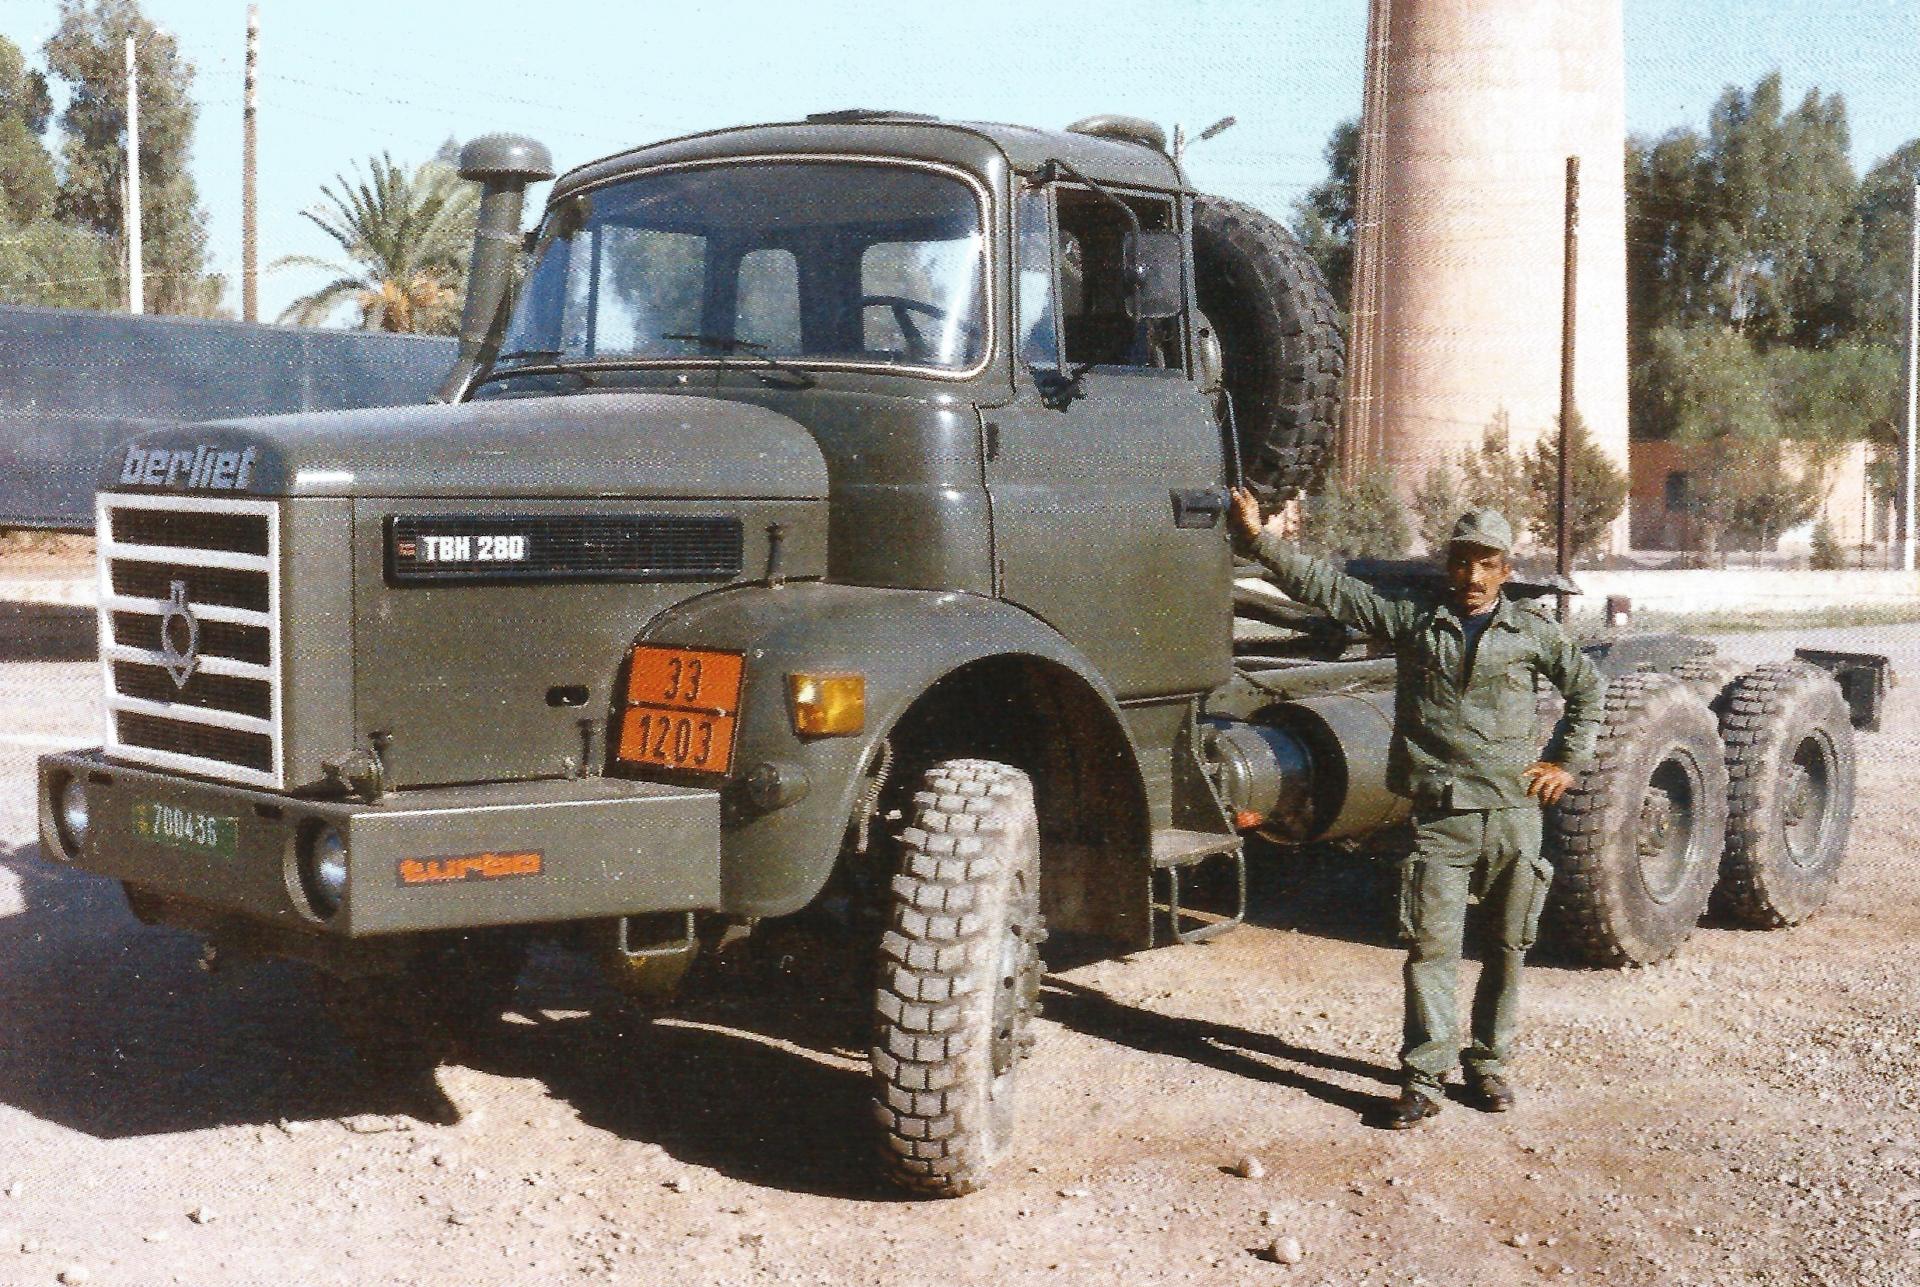 Photos - Logistique et Camions / Logistics and Trucks - Page 6 40083273064_5e8f4e342b_o